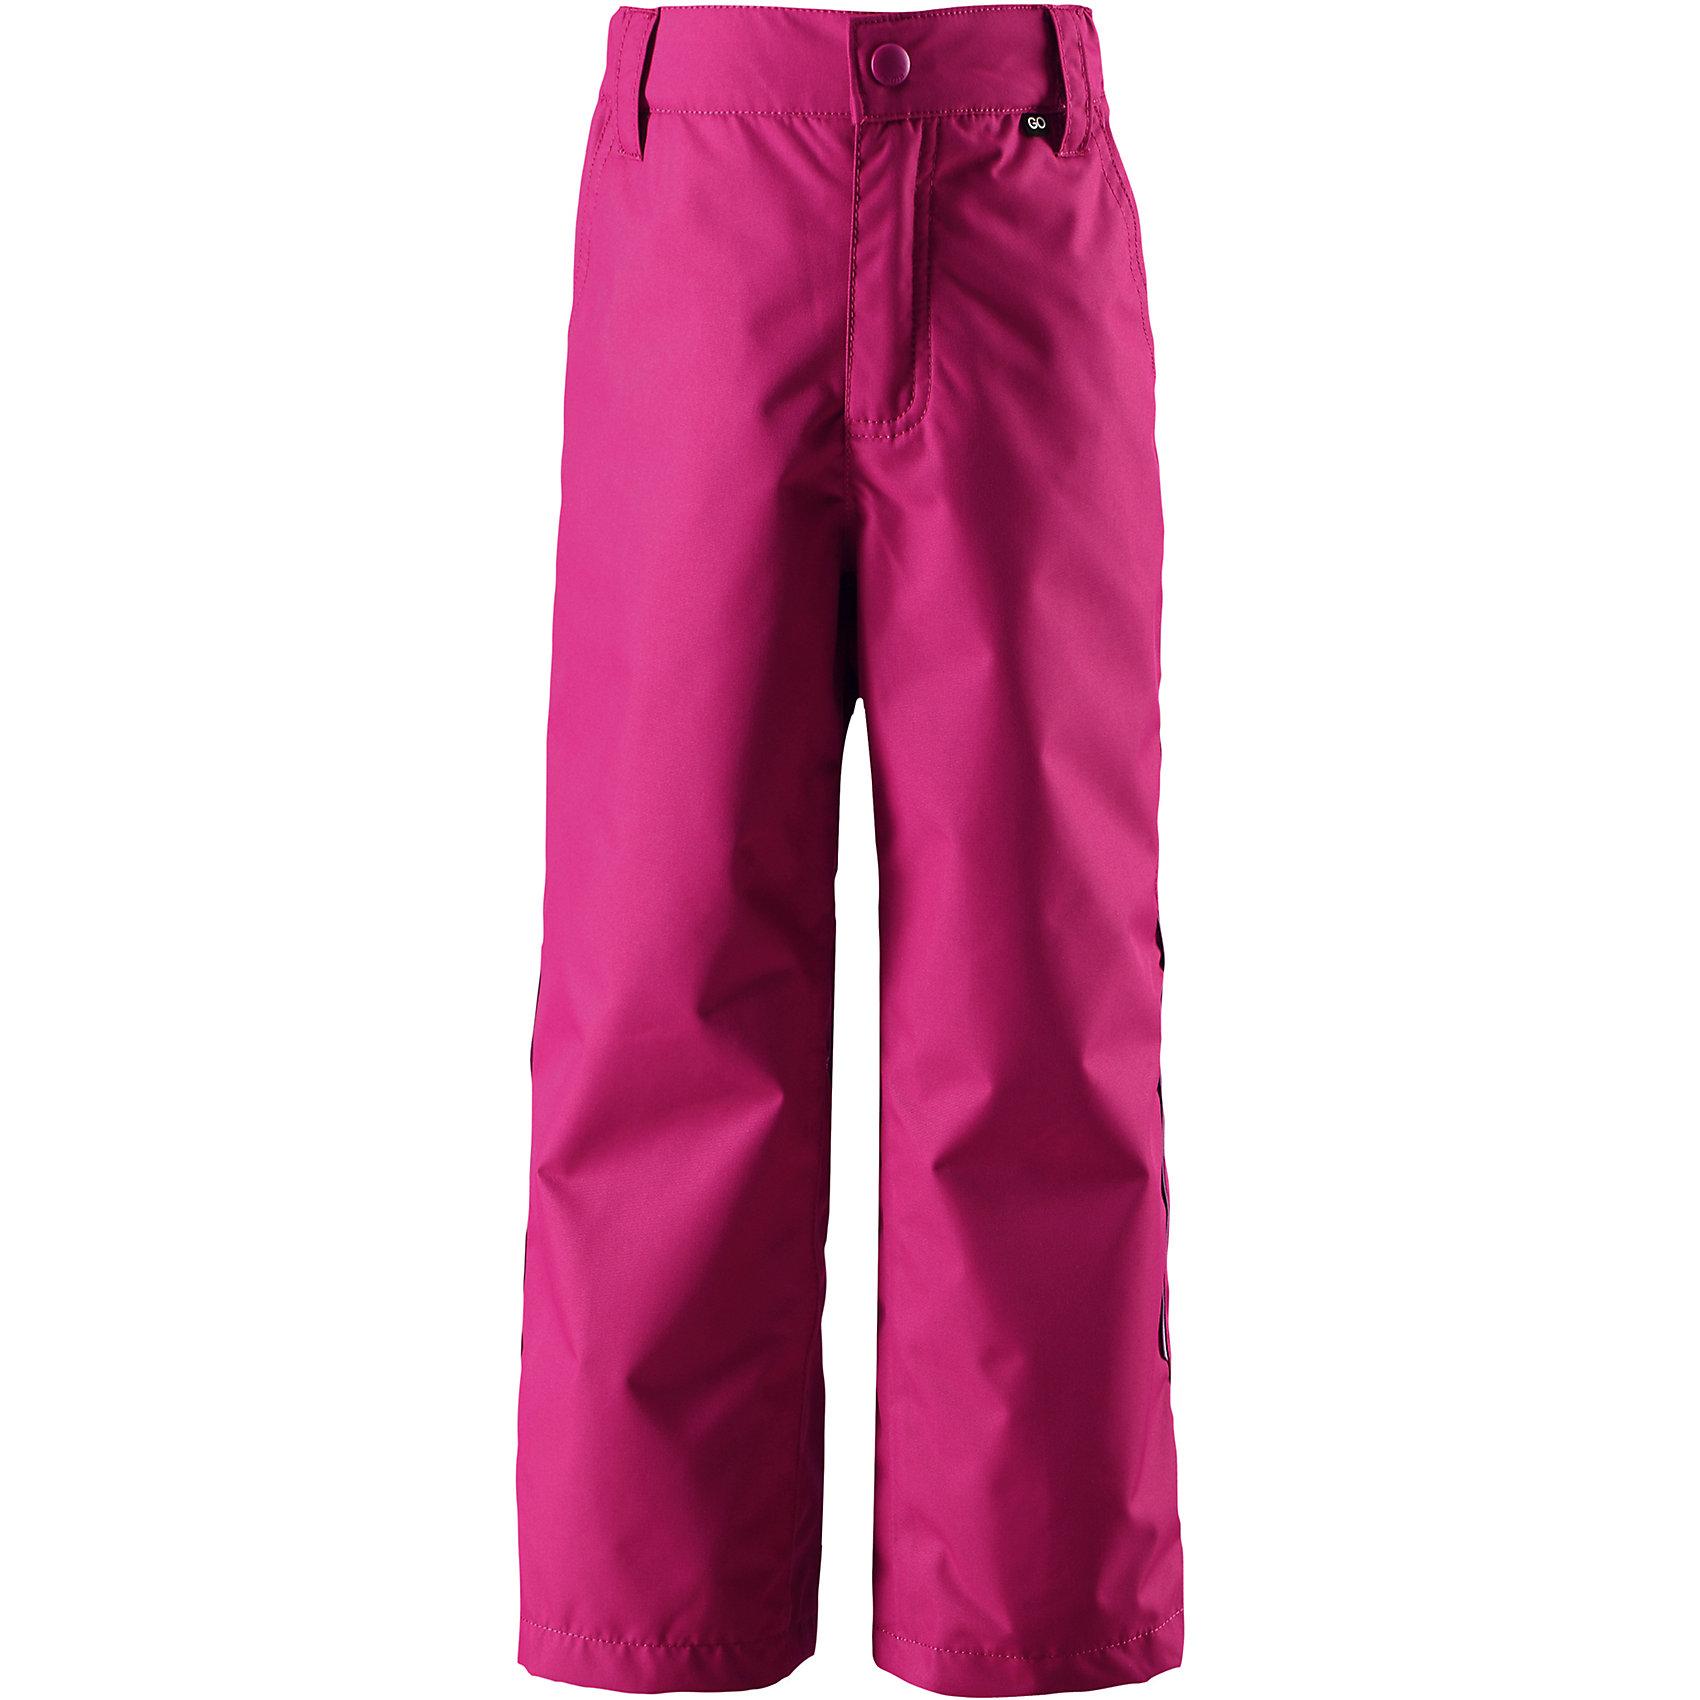 Брюки Reimatec® Reima SlanaОдежда<br>Характеристики товара:<br><br>• цвет: розовый;<br>• состав: 100% полиэстер;<br>• подкладка: 100% полиэстер;<br>• без утеплителя;<br>• температурный режим: от 0 до +15С;<br>• сезон: демисезон; <br>• водонепроницаемость: 10000 мм;<br>• воздухопроницаемость: 10000 мм;<br>• износостойкость: 30000 циклов (тест Мартиндейла);<br>• водо- и ветронепроницаемый, дышащий и грязеотталкивающий материал;<br>• основные  швы проклеены и водонепроницаемы;<br>• прямой крой;<br>• застежка: ширинка на молнии и пуговица;<br>• гладкая подкладка из полиэстера;<br>• регулируемый обхват талии;<br>• липучки на штанинах;<br>• два боковых кармана;<br>• карман с креплением для датчика ReimaGO;<br>• светоотражающие детали;<br>• страна бренда: Финляндия;<br>• страна изготовитель: Китай.<br><br>Практичные, водо и грязеотталкивающие демисезонные брюки изготовлены из прочного, но при этом легкого материала. Они отлично прослужат вам круглый год в холодную погоду просто подденьте под брюки теплый промежуточный слой. Ширинка на молнии облегчает надевание. <br><br>Если вы решили выбрать брюки подлиннее, на вырост, воспользуйтесь специально придуманной застежкой на липучке на концах брючин – благодаря ей ребенок не будет наступать на брюки. Эти надежные всепогодные брюки снабжены светоотражателями, карманом на молнии и потайным карманом для сенсора ReimaGO®.<br><br><br>Брюки Slana Reimatec® Reima от финского бренда Reima (Рейма) можно купить в нашем интернет-магазине.<br><br>Ширина мм: 215<br>Глубина мм: 88<br>Высота мм: 191<br>Вес г: 336<br>Цвет: розовый<br>Возраст от месяцев: 72<br>Возраст до месяцев: 84<br>Пол: Унисекс<br>Возраст: Детский<br>Размер: 122,164,128,134,104,110,116,140,146,152,158<br>SKU: 6901530